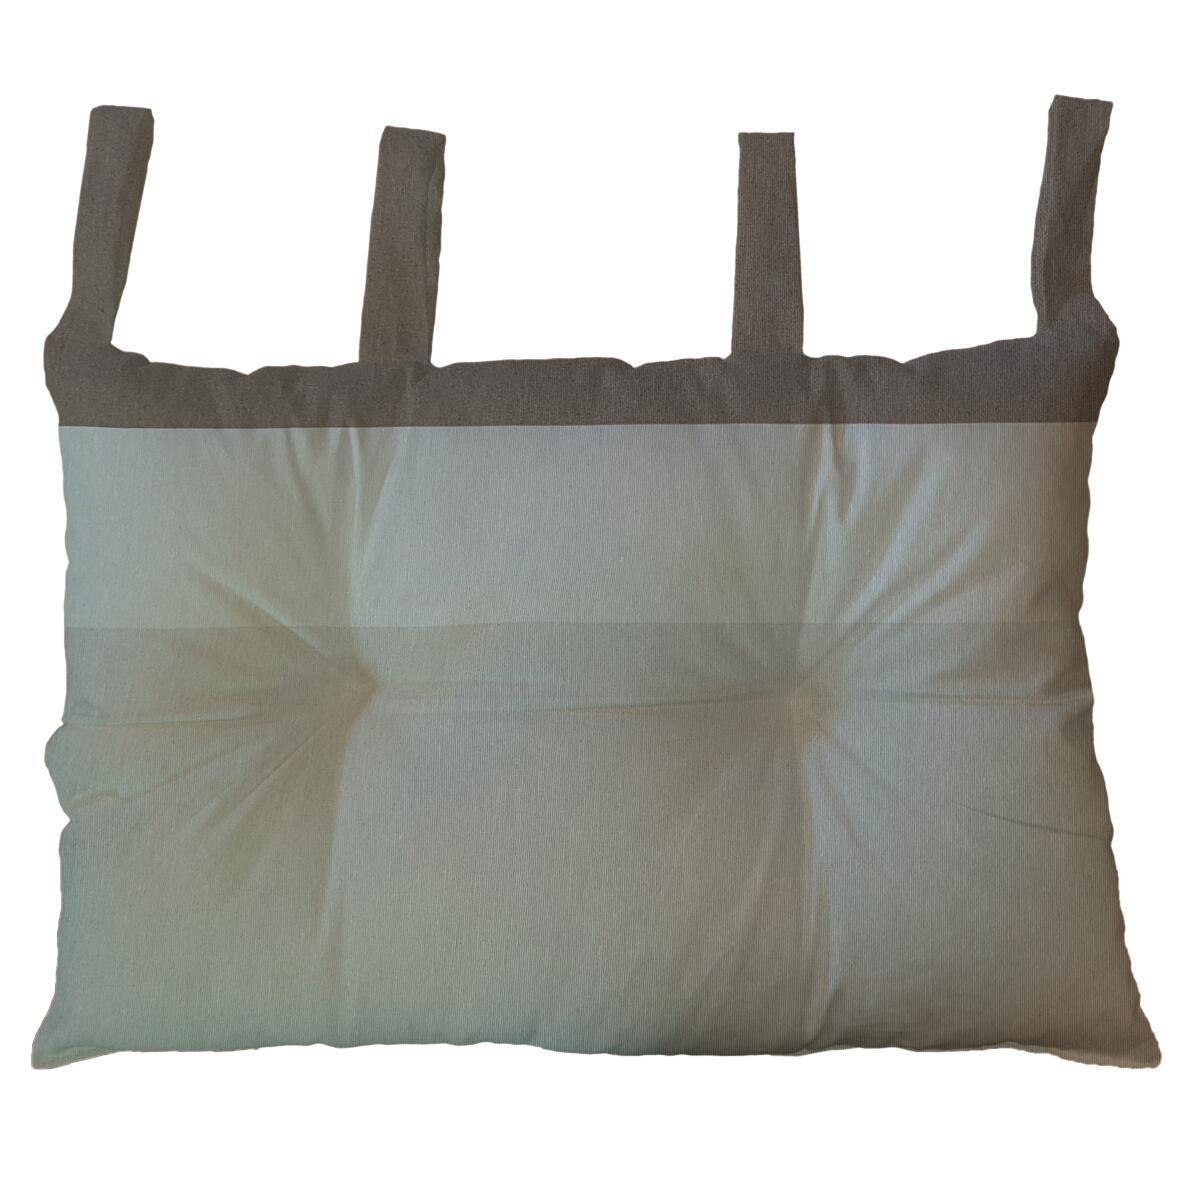 Cuscino testata letto RIGONE ecru 45x70 cm - 3